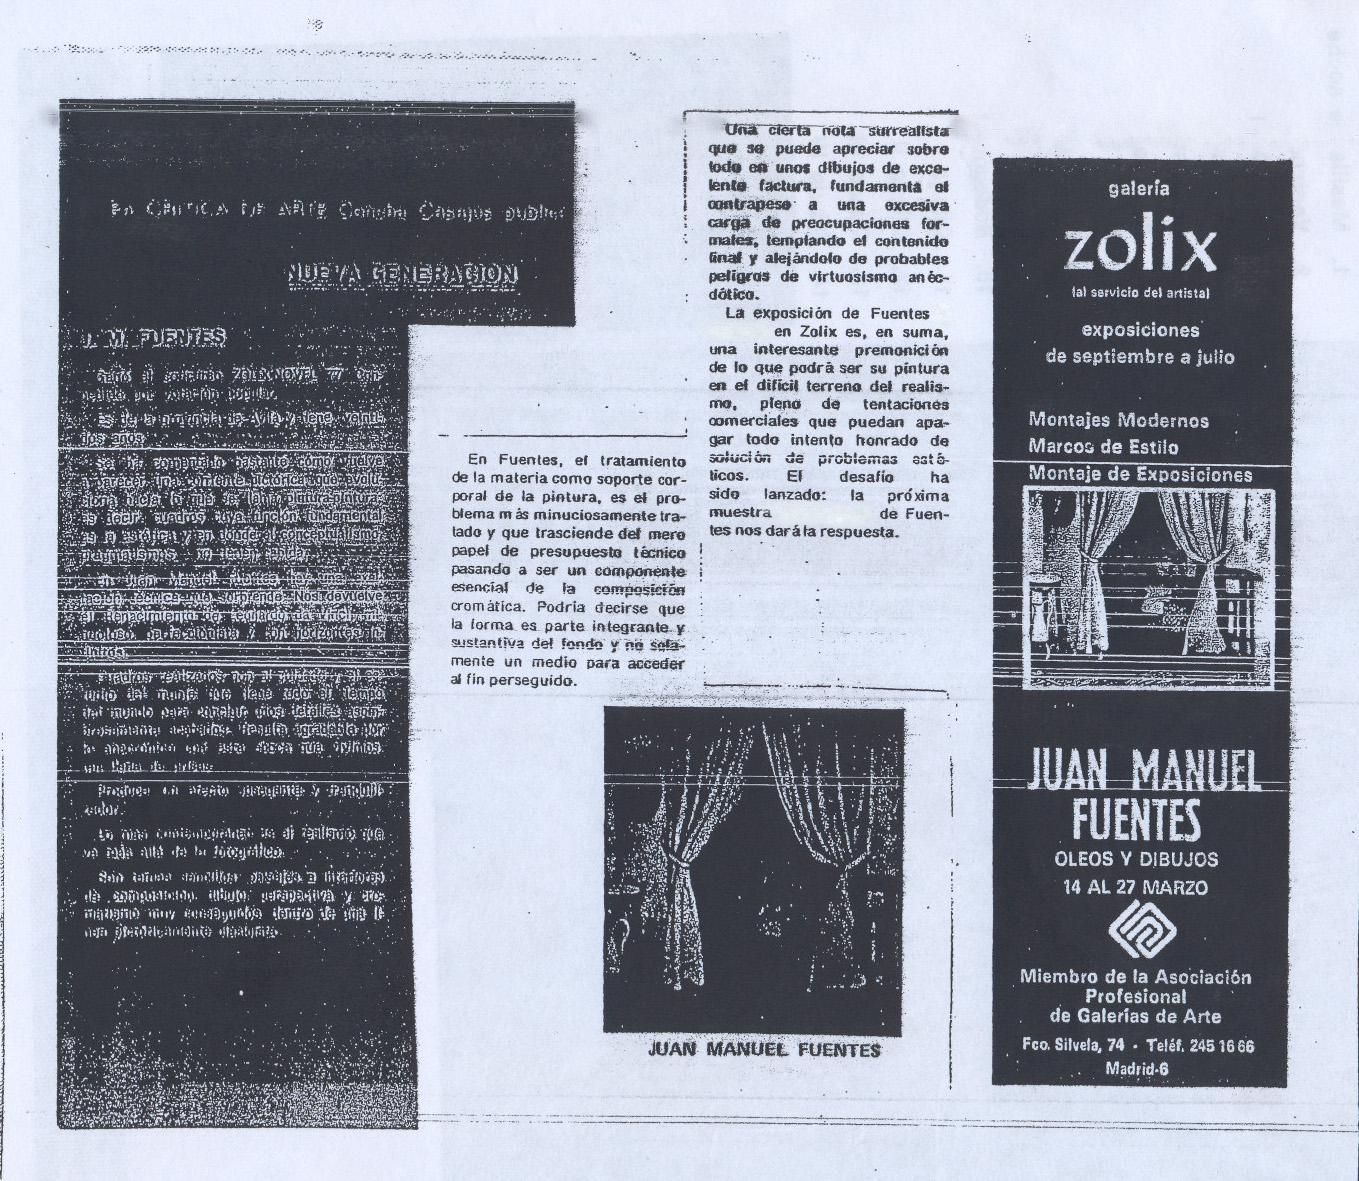 Galeria Zolix-Madrid